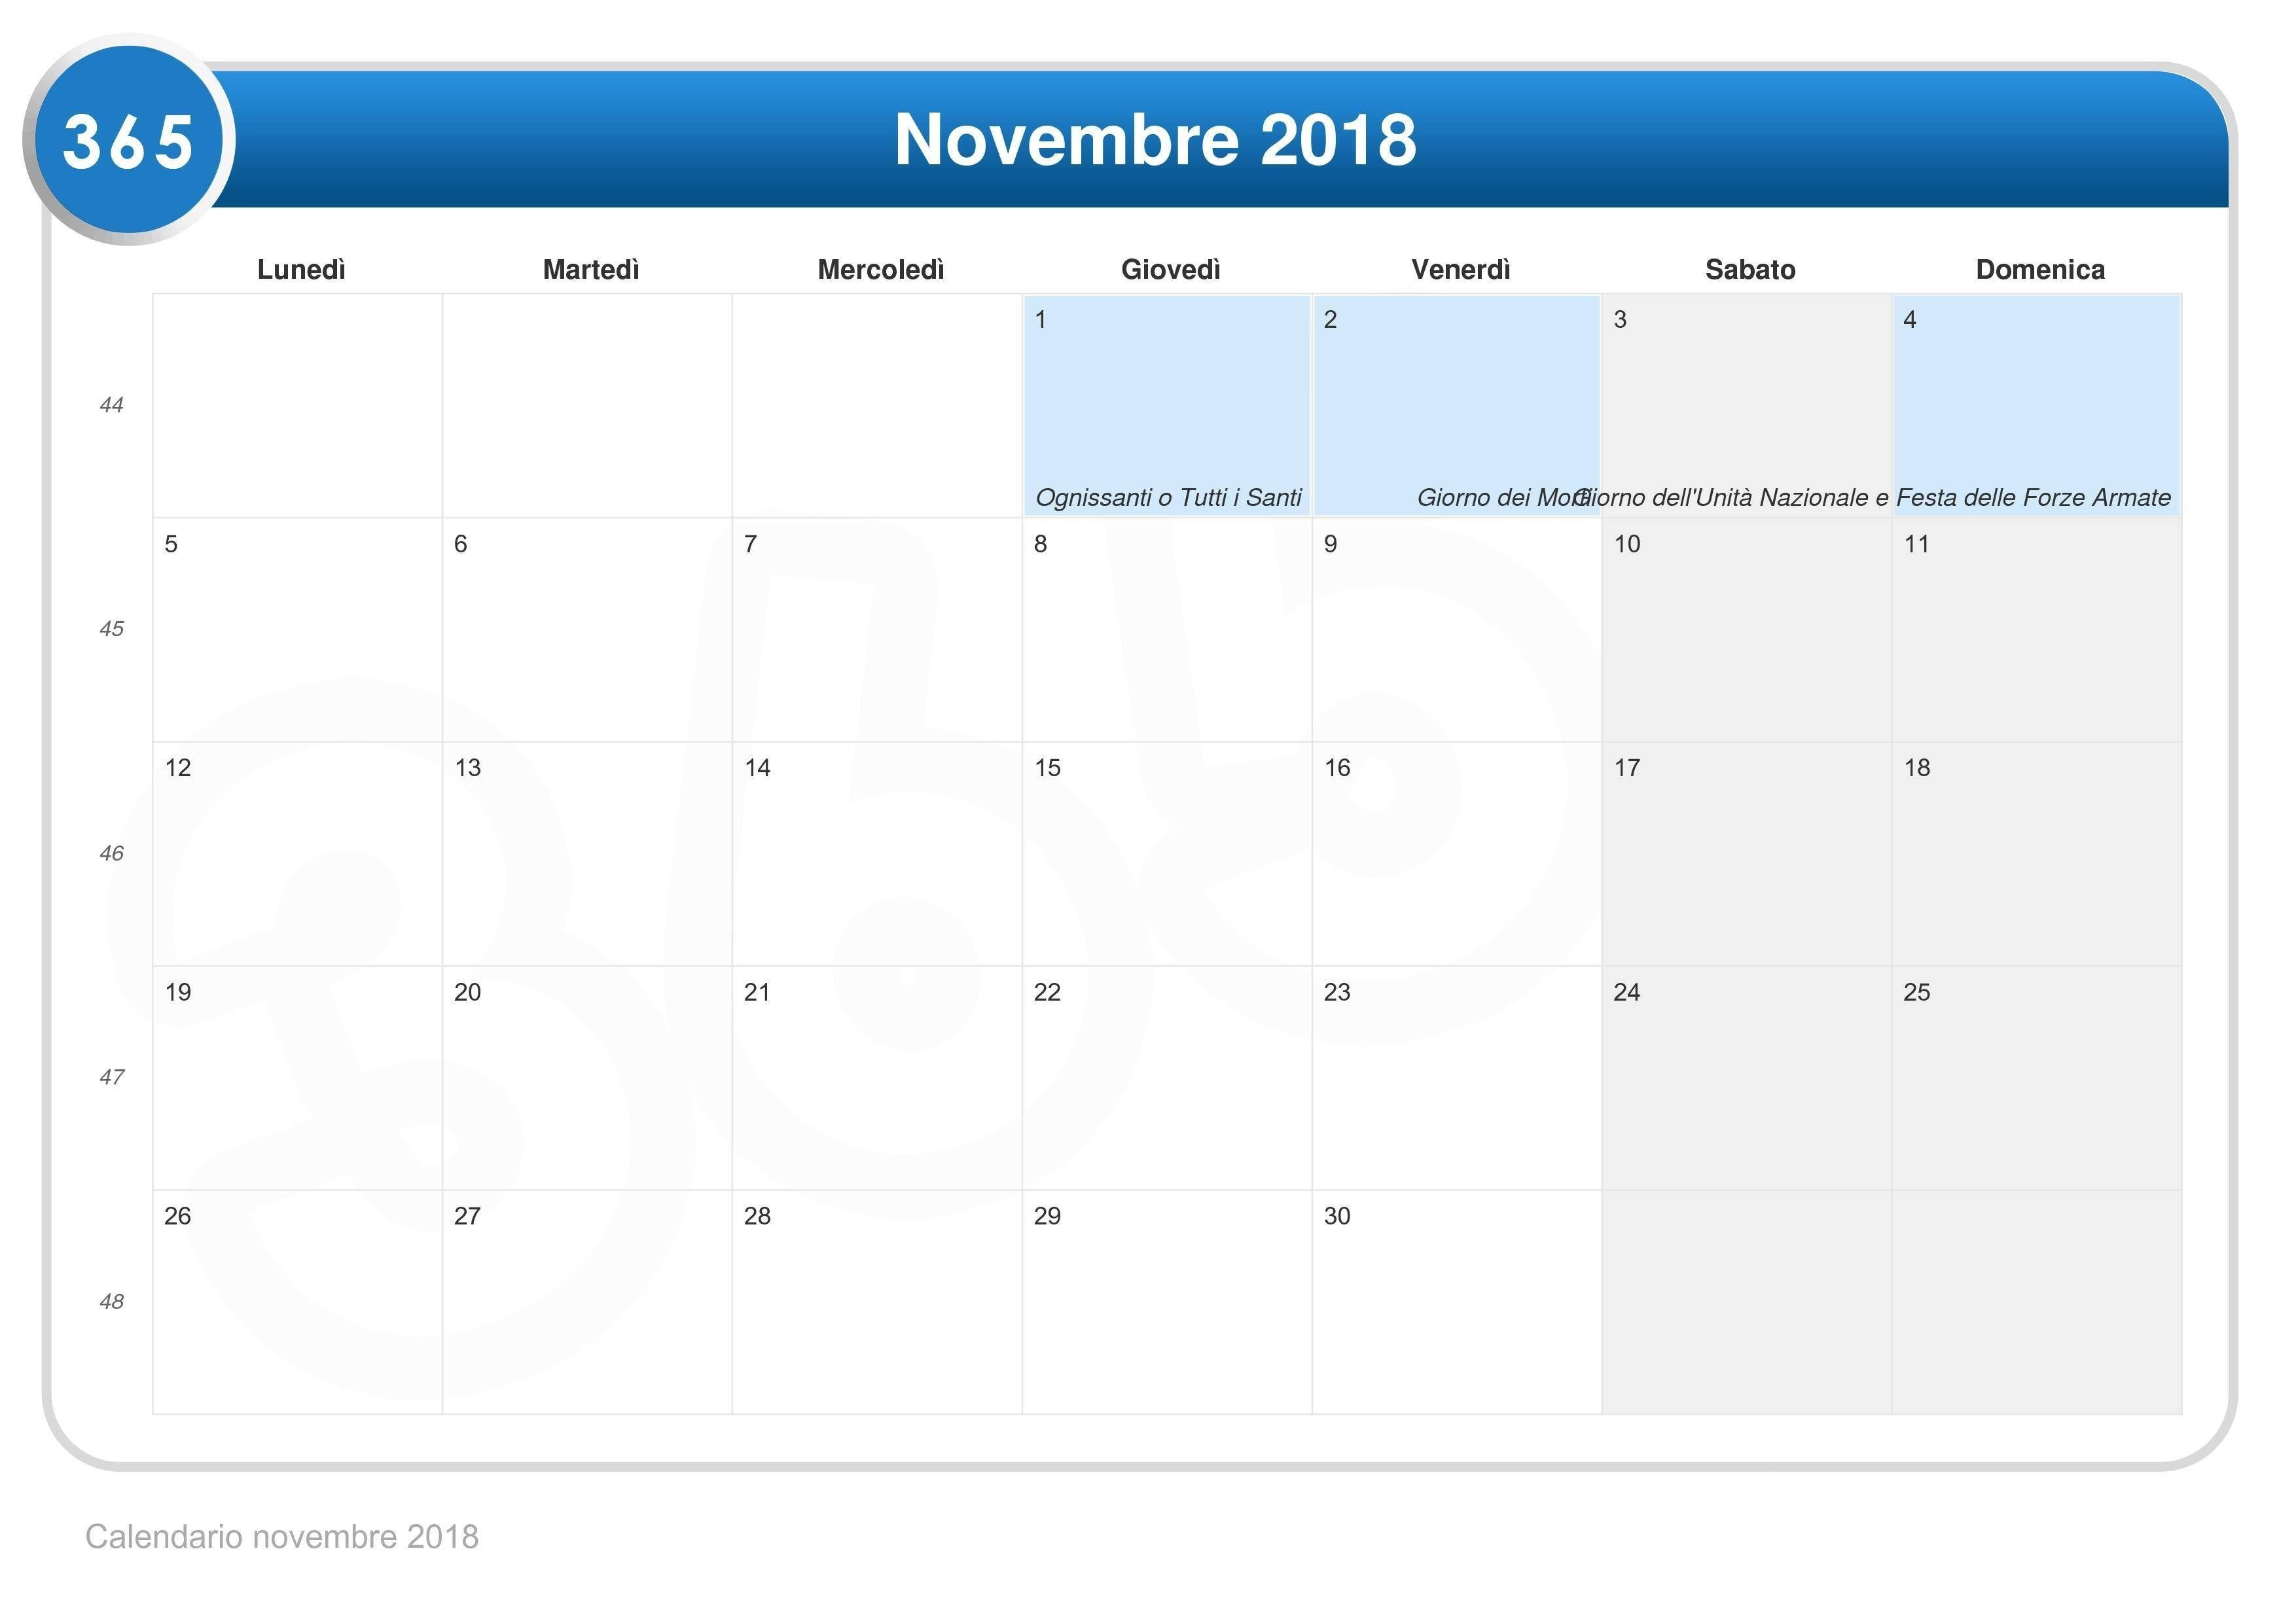 Calendario Para Imprimir 2017 Chile Más Recientes Calendario Novembre 2018 Of Calendario Para Imprimir 2017 Chile Más Arriba-a-fecha sorpresa Tu Calendario Descargable Gratuito Para 2018